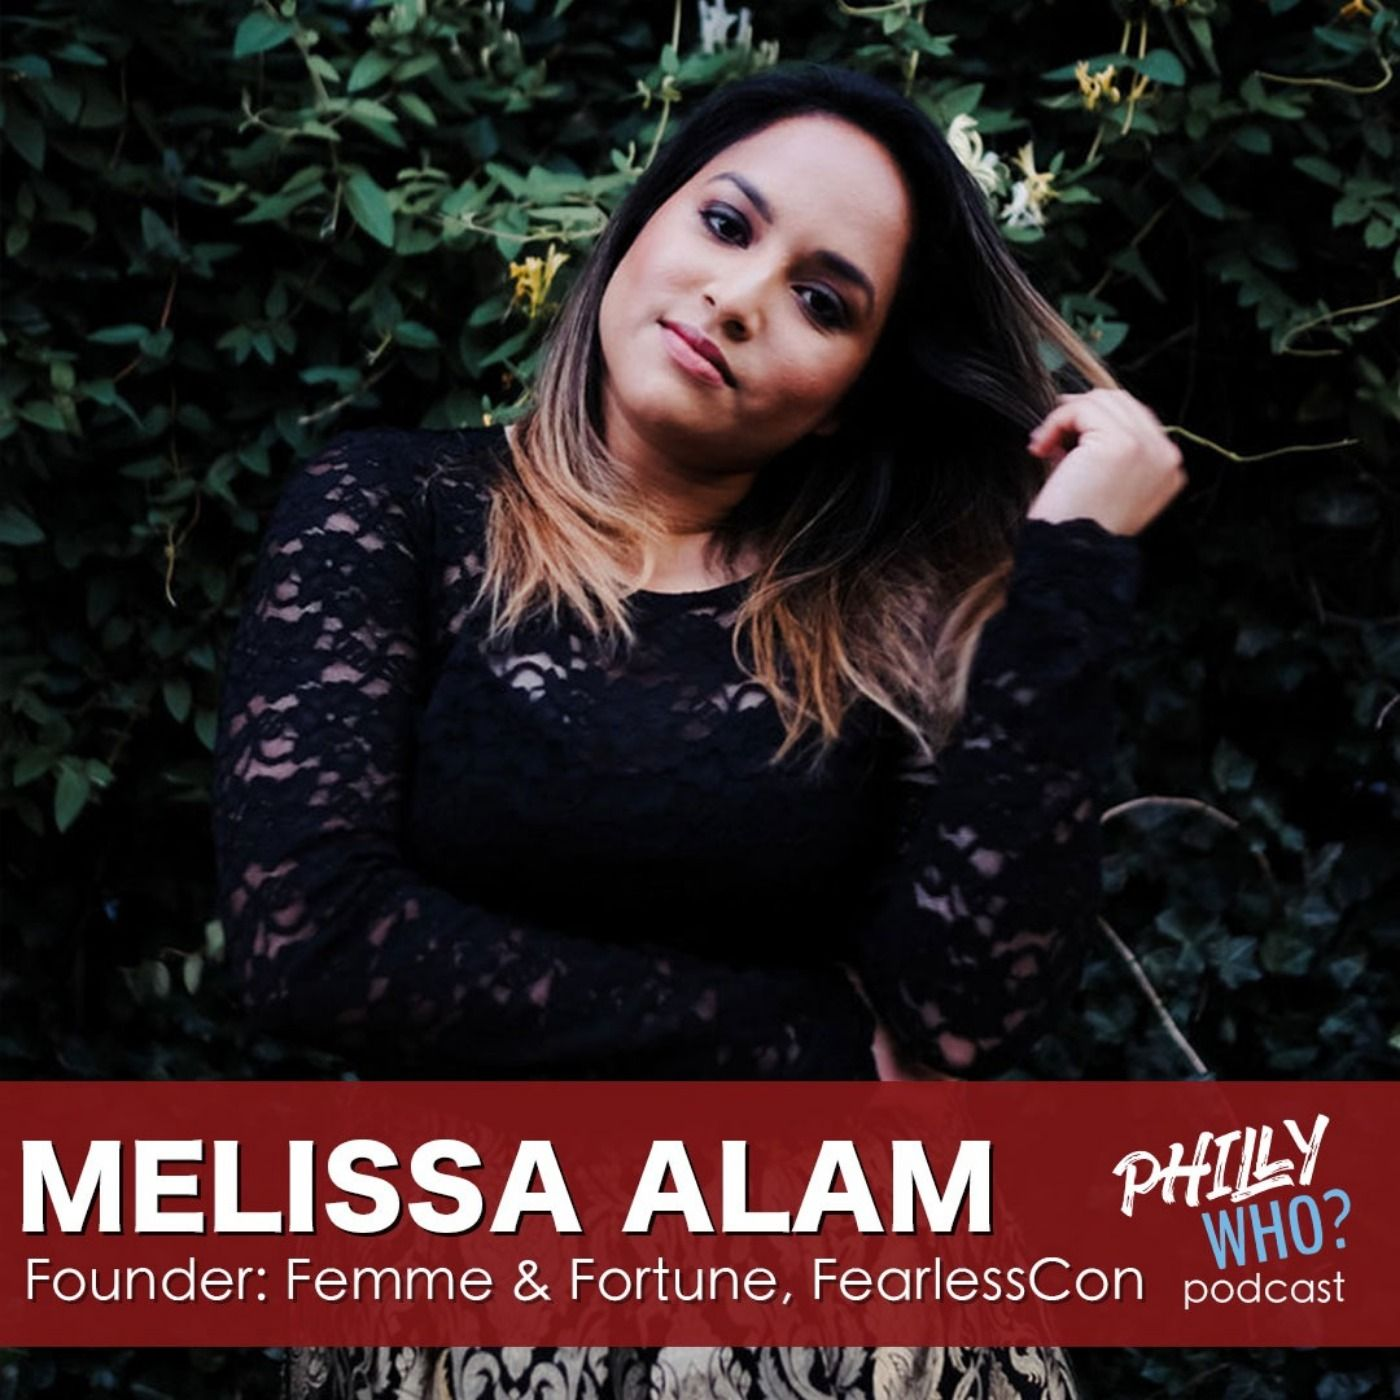 Melissa Alam: Social Media & Branding Expert, Founder of Female-focused FearlessCon